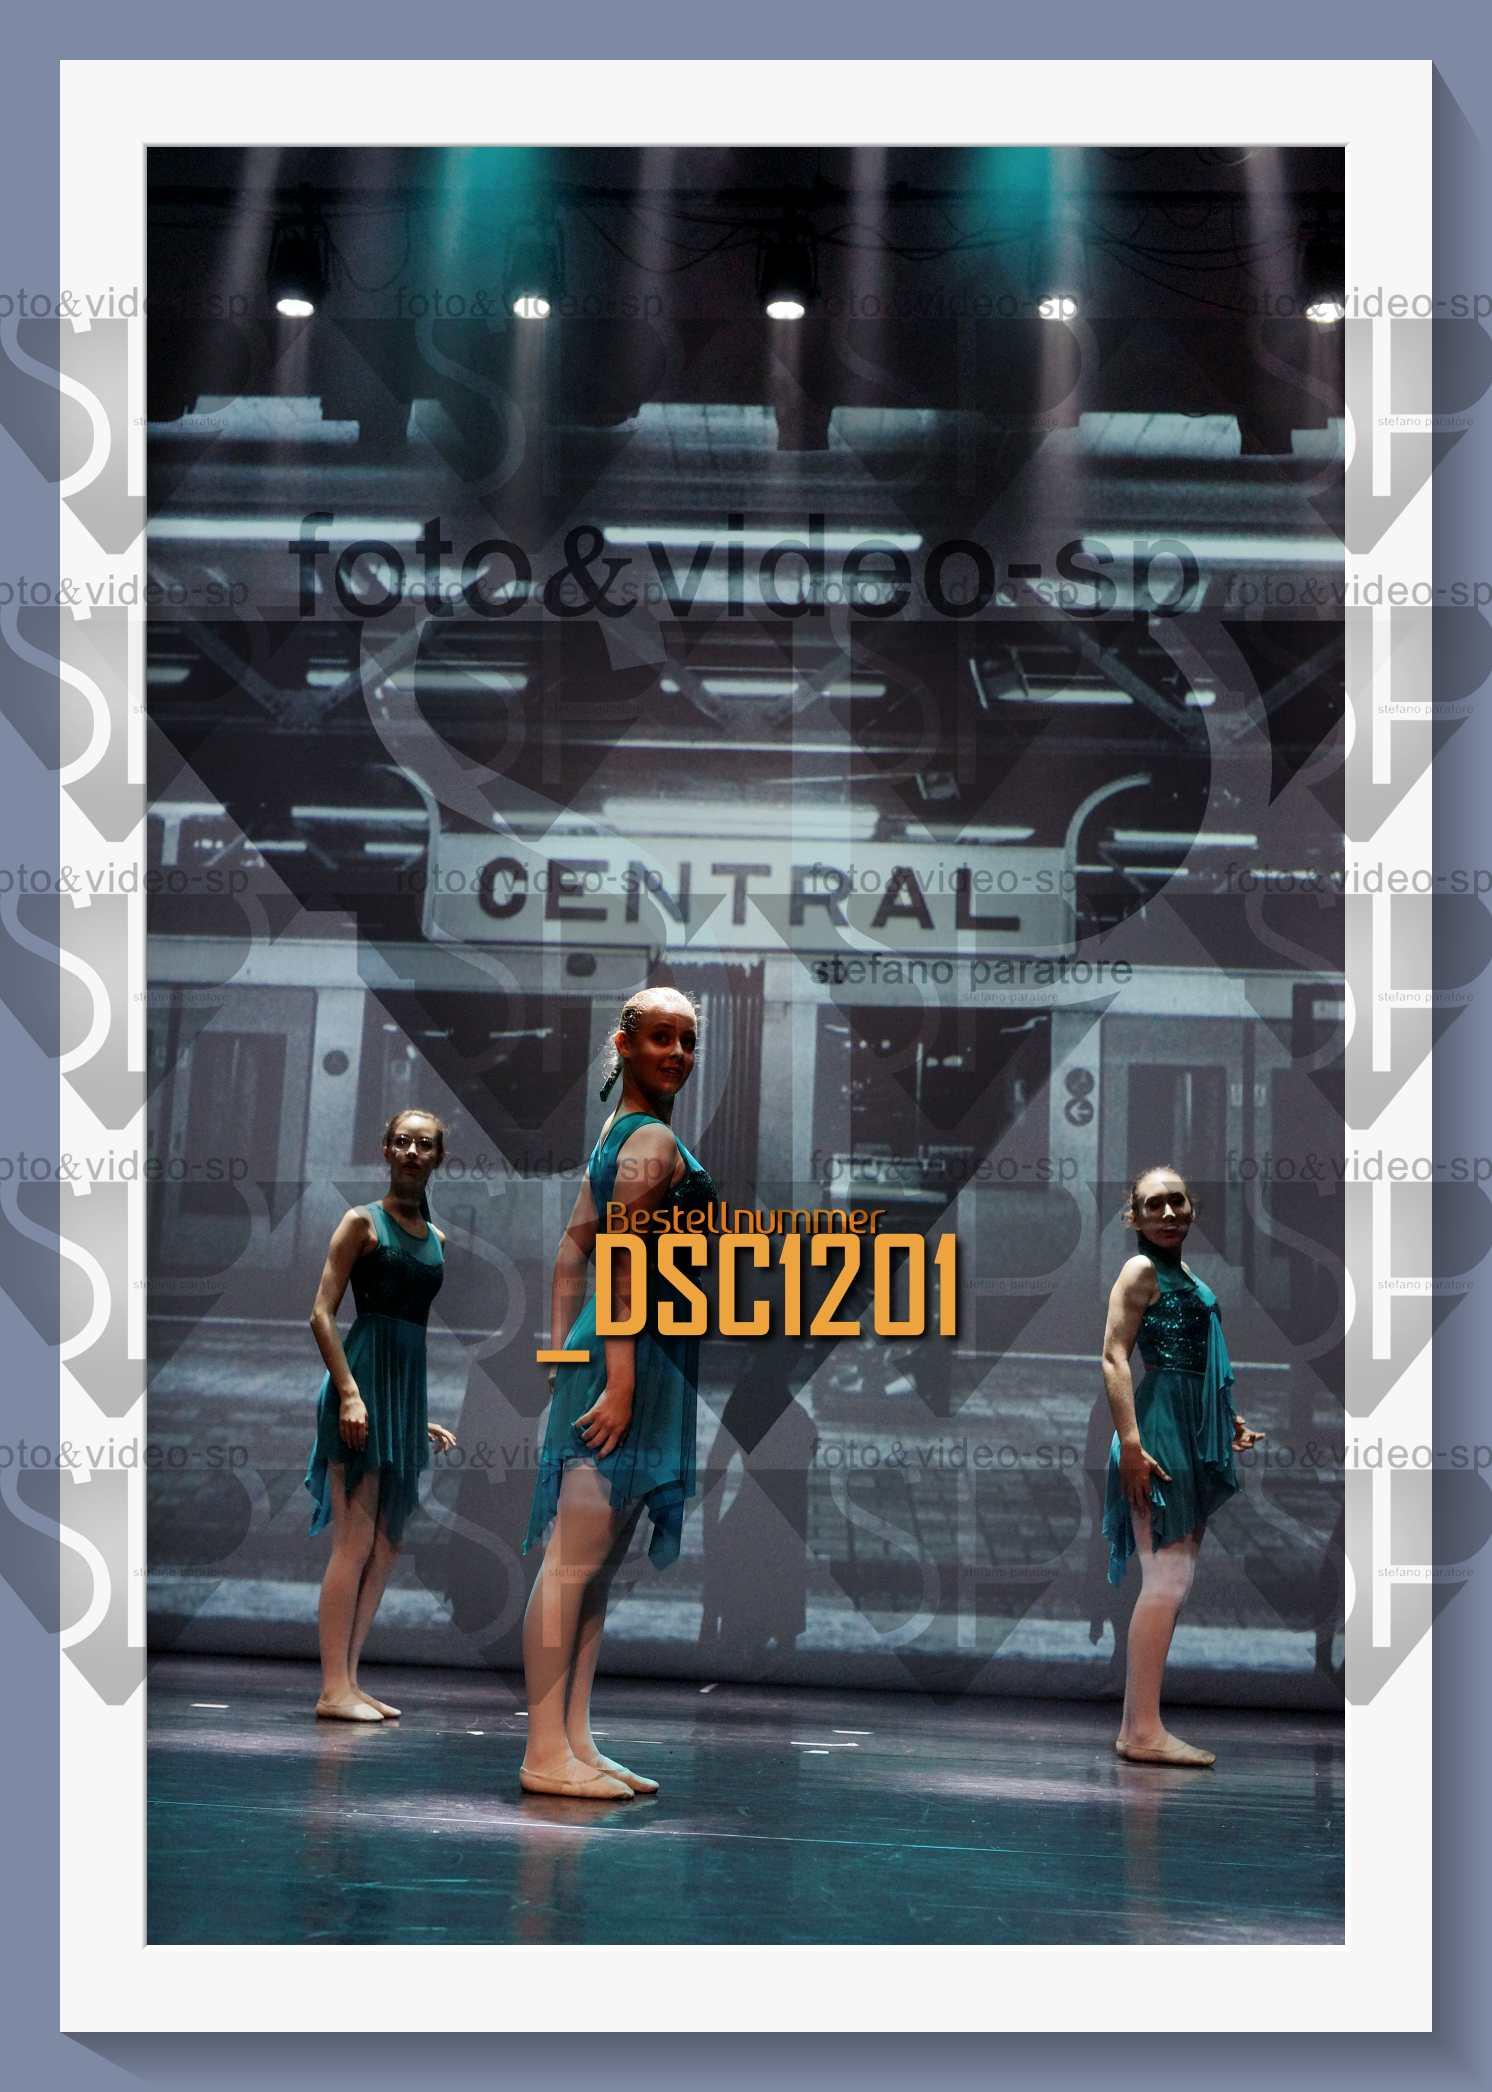 DSC1201